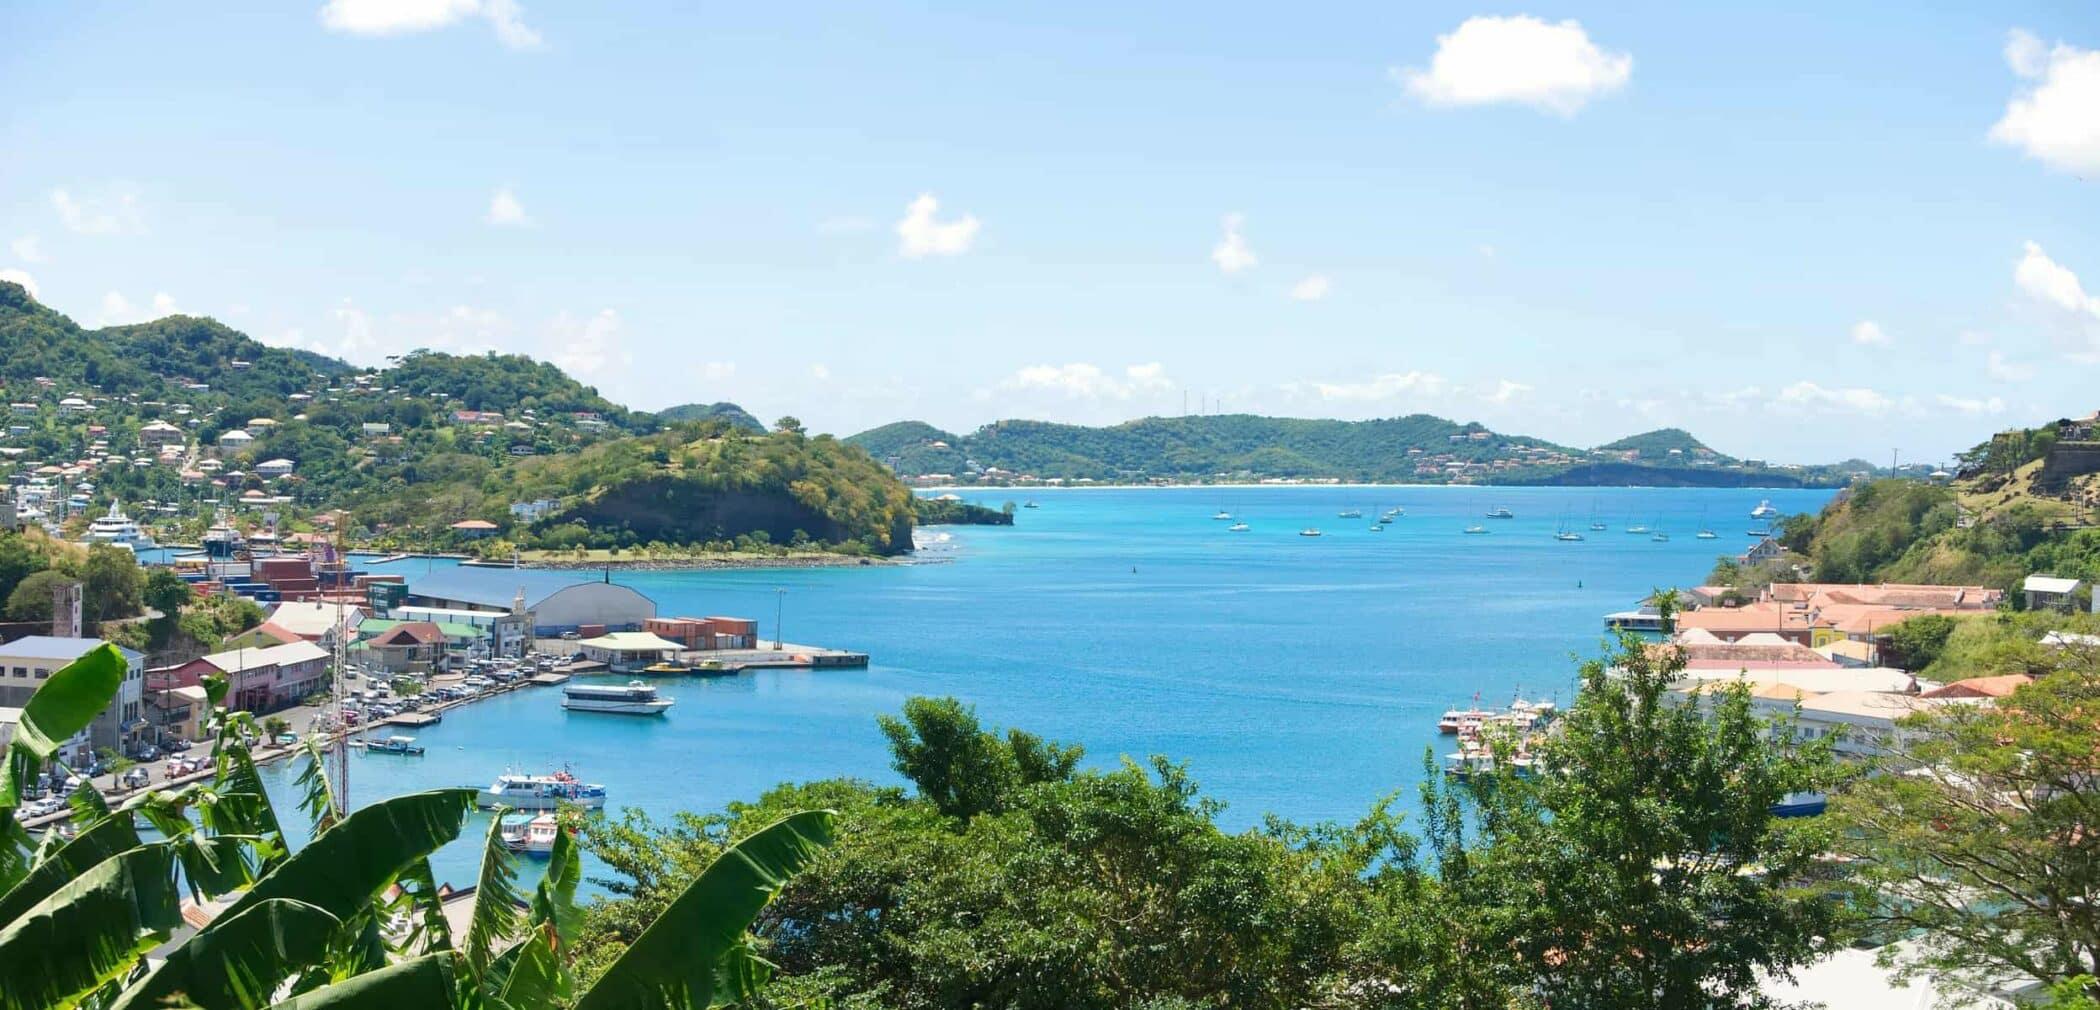 Grenada island - Saint George`s - havnen og Devils bay